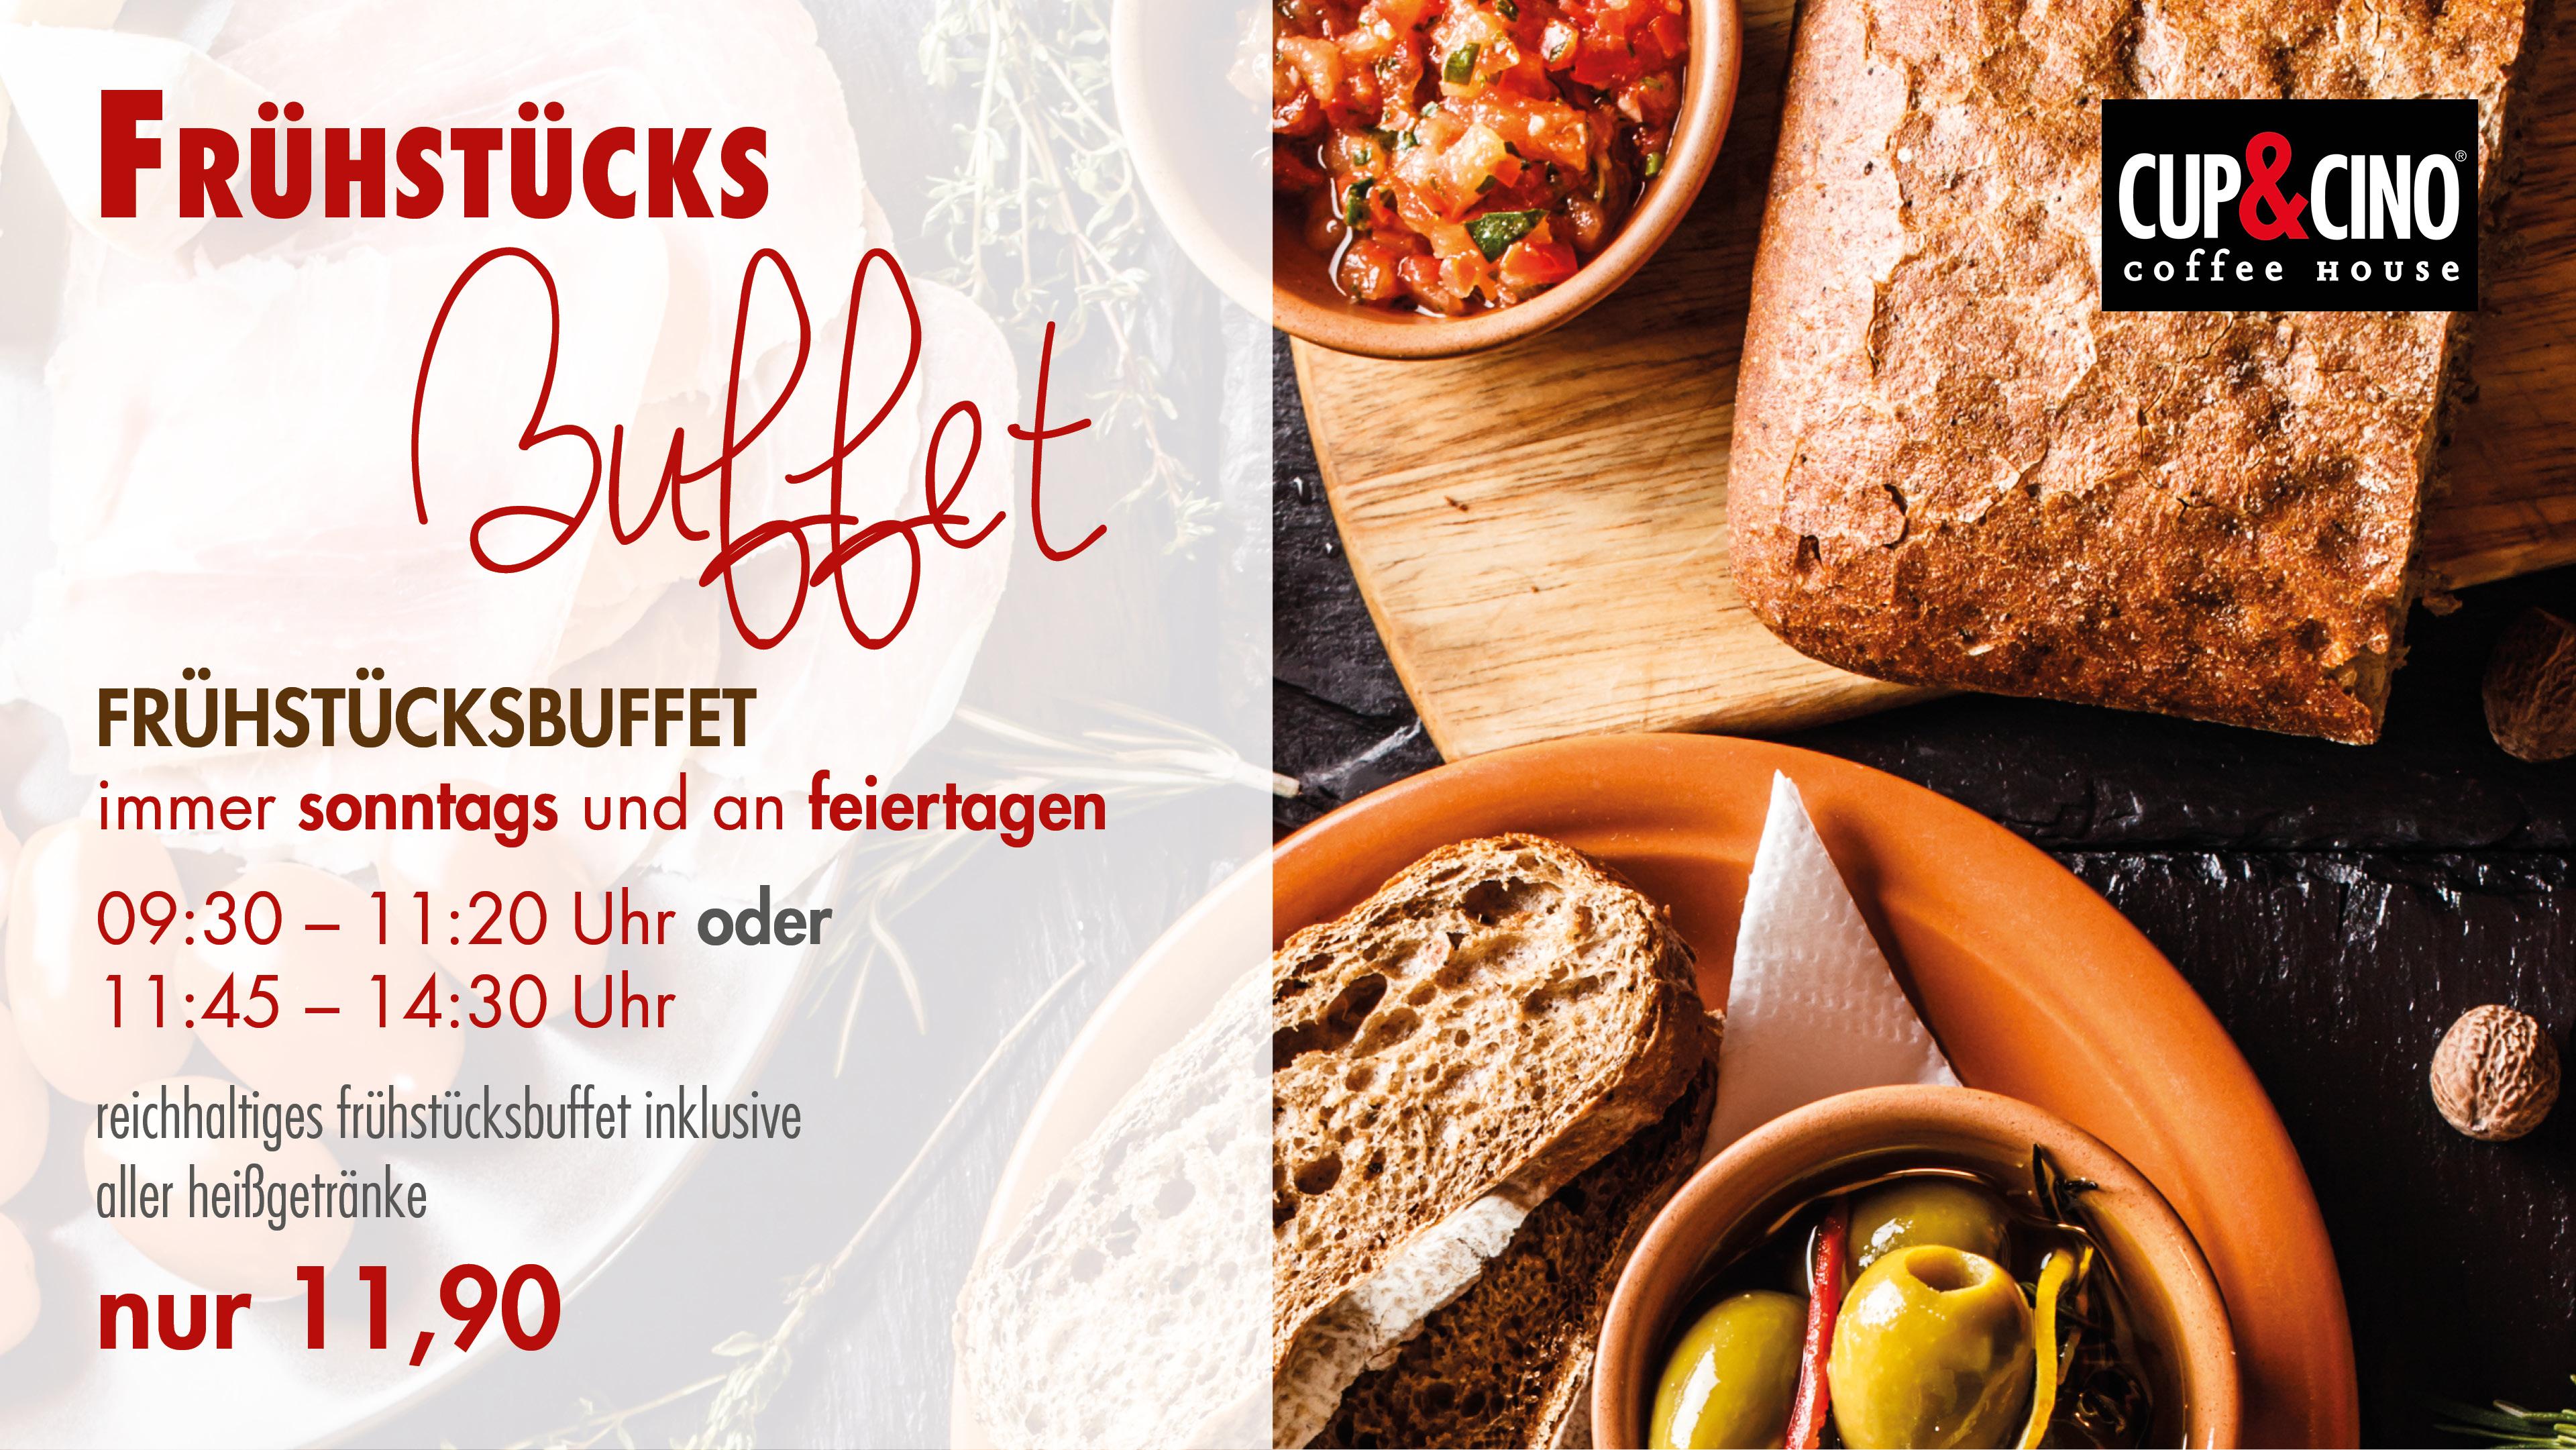 fruehstuecksbuffet-3840x2160px